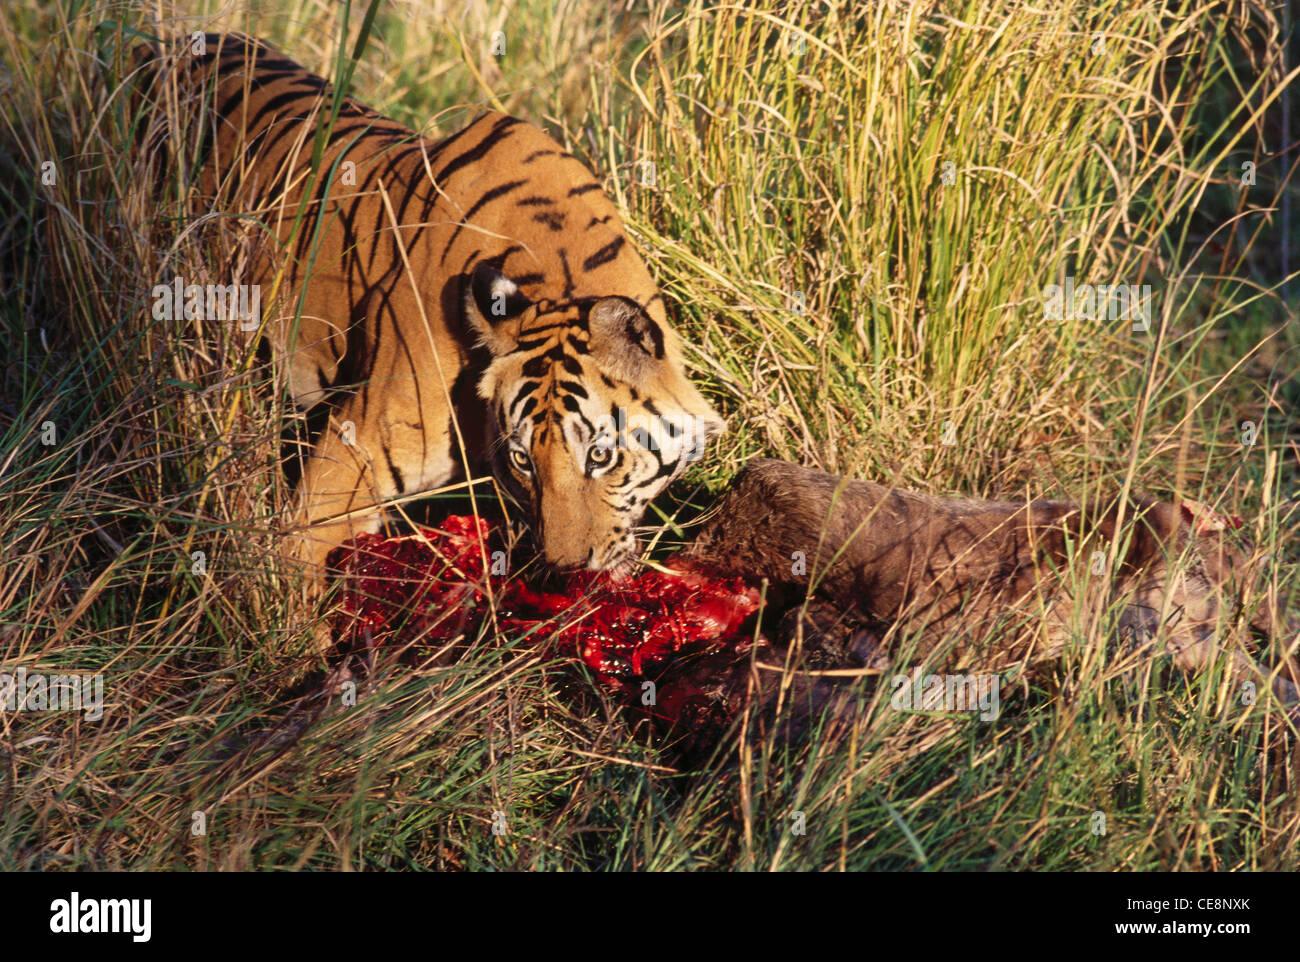 sna-80970-tiger-eating-prey-panthera-tig